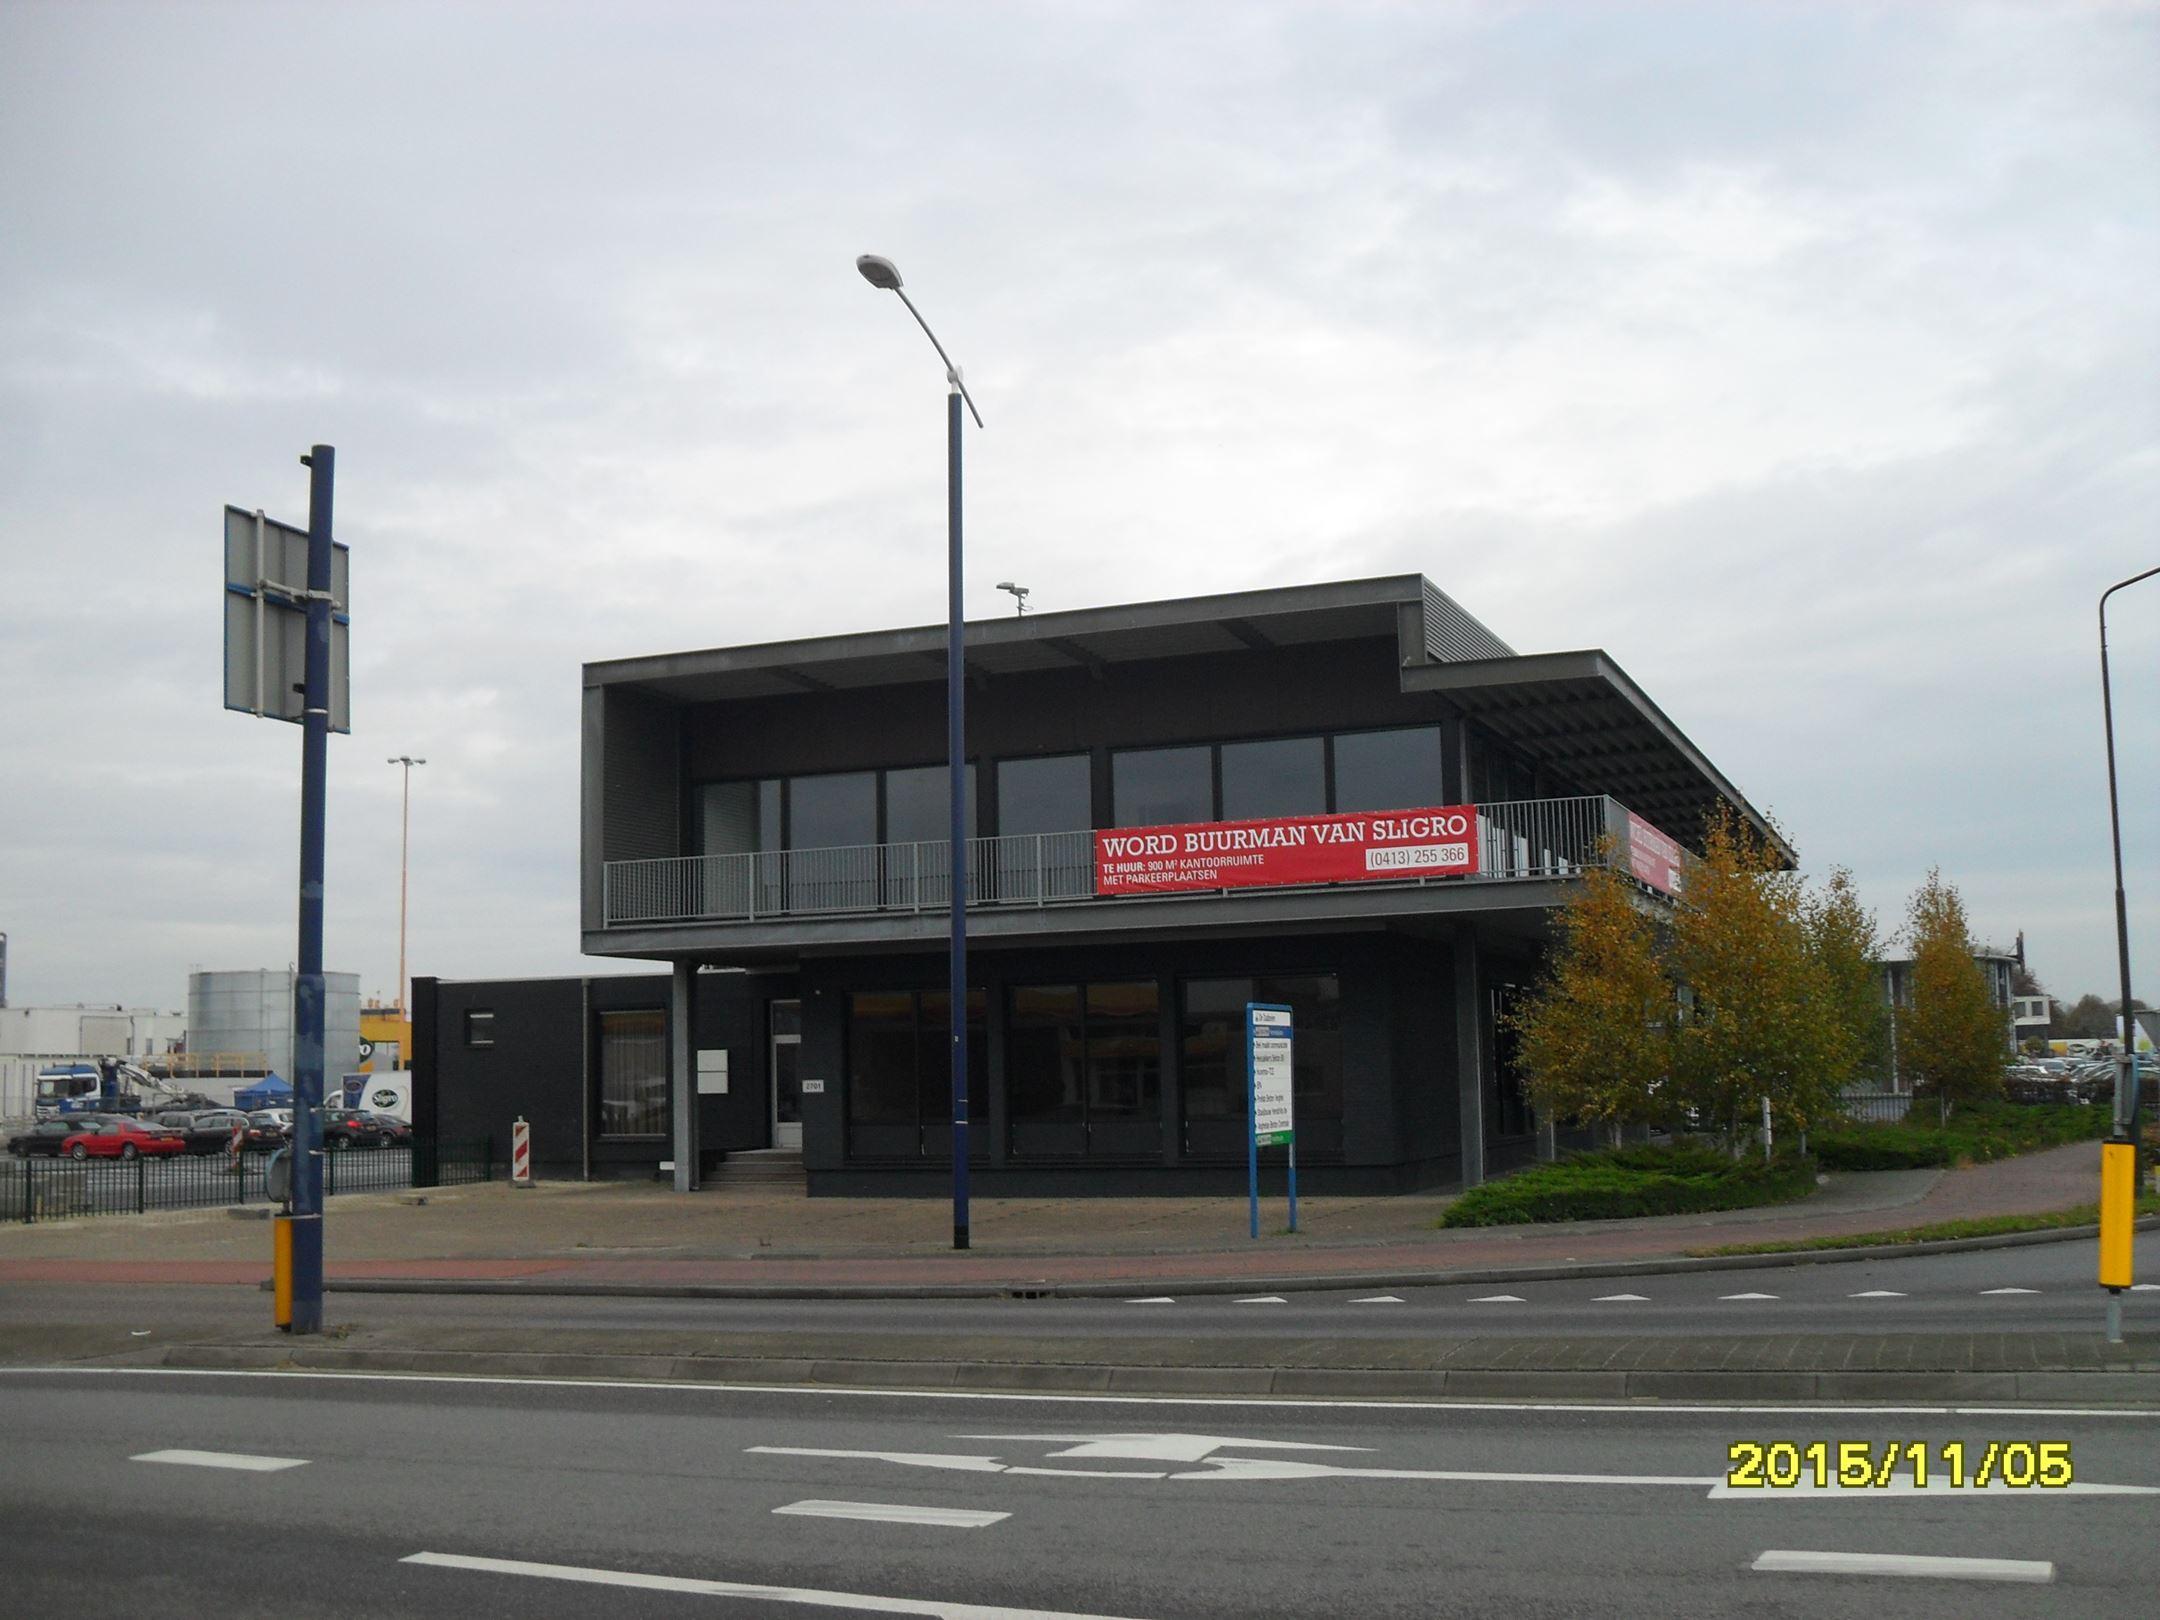 Kantoor veghel zoek kantoren te huur corridor 15 5466 rb veghel funda in business - Corridor ontwikkeling ...